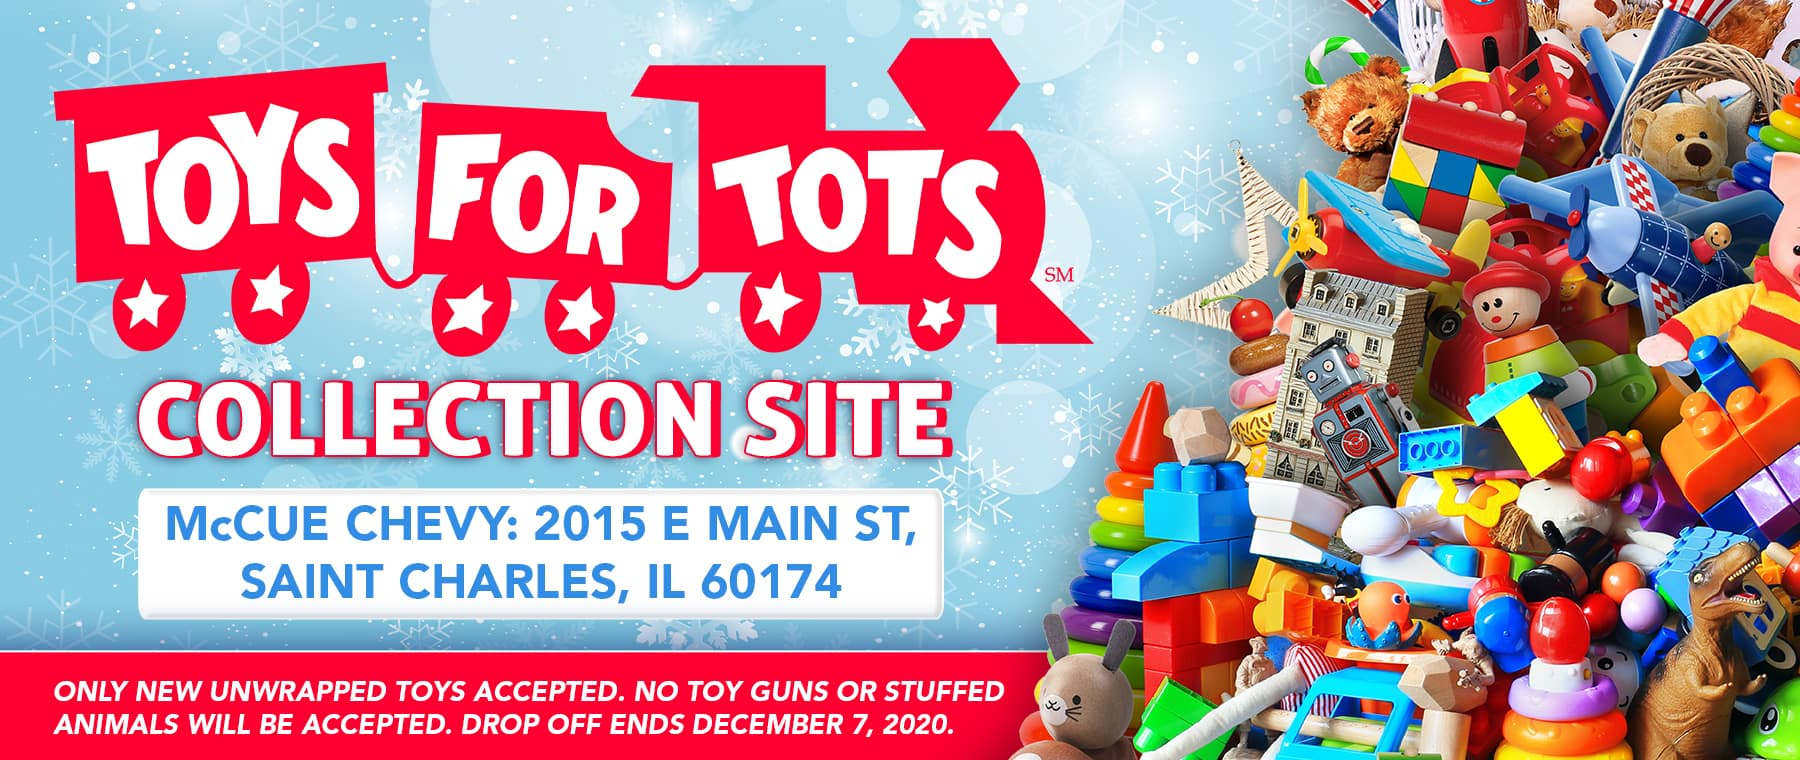 110420_MCCC_Toys_Weblside_1800x760